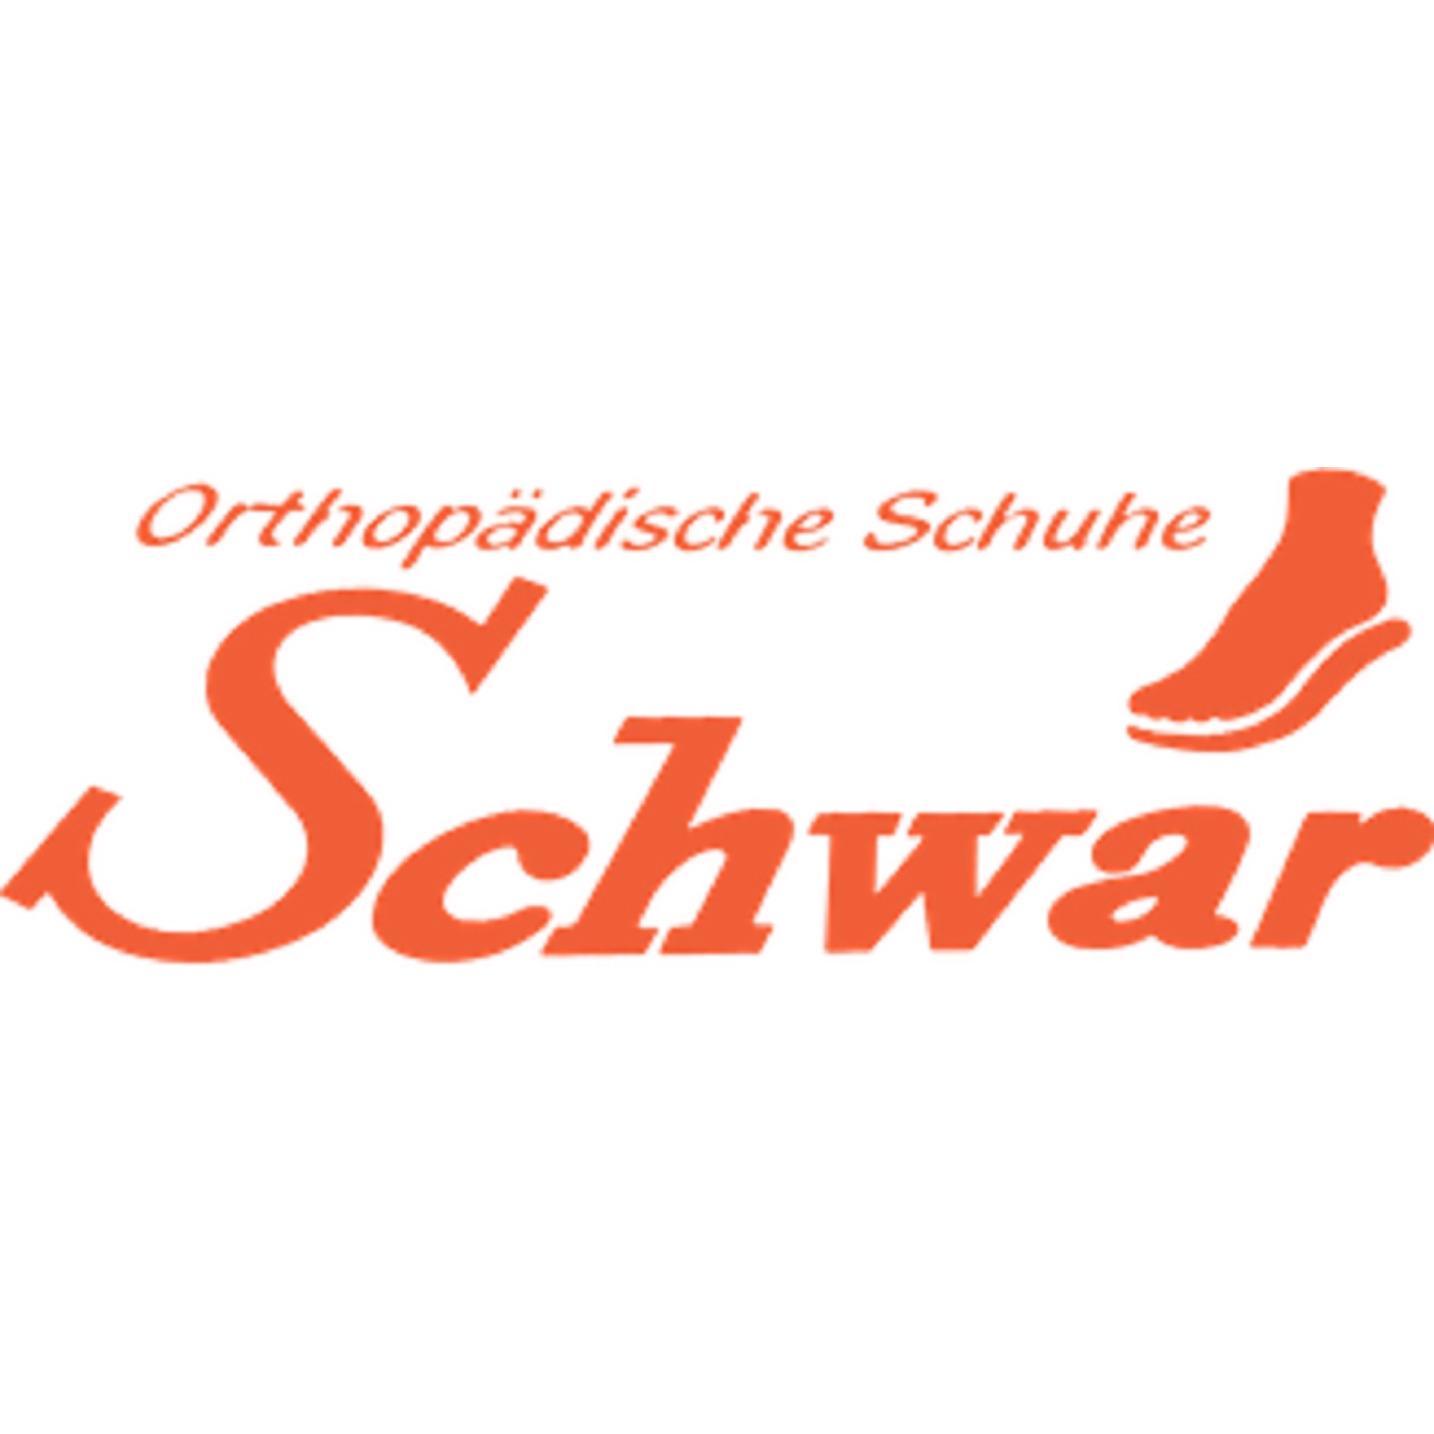 Schwar Franz Orthopädie - Schuhtechnik KG Logo